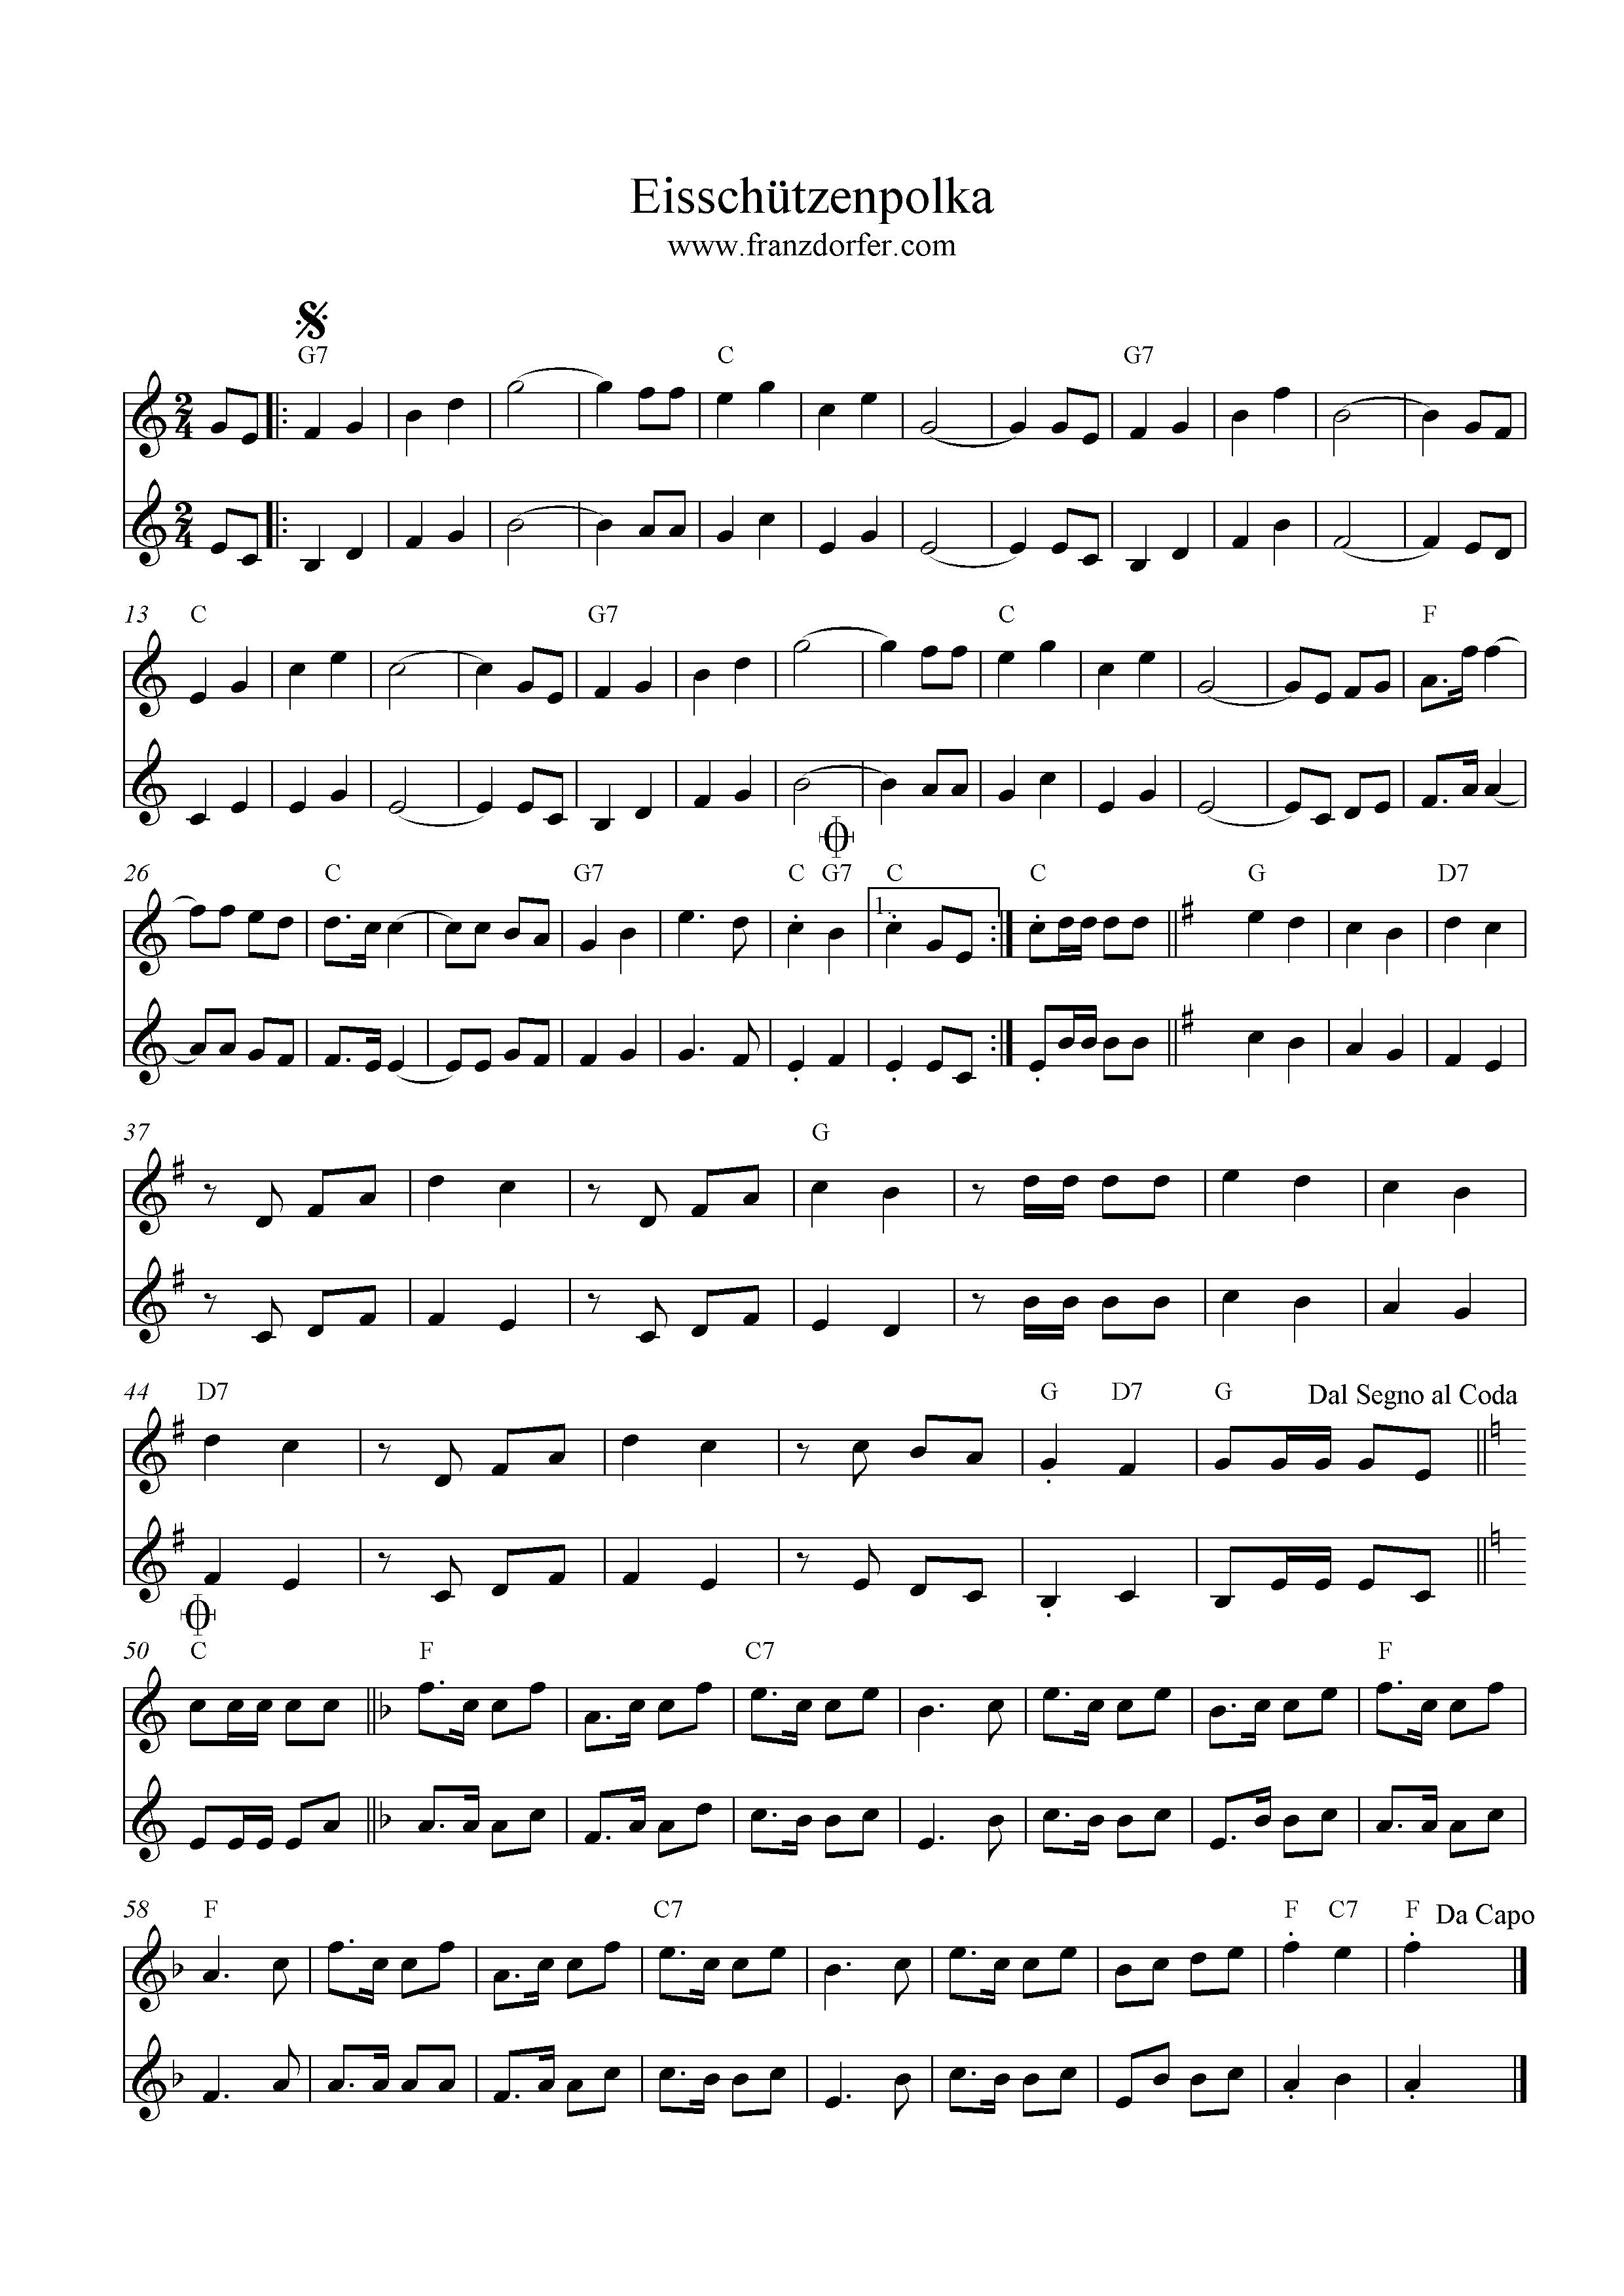 Noten Eisschützenpolka, C-Dur, Klarinettenduo